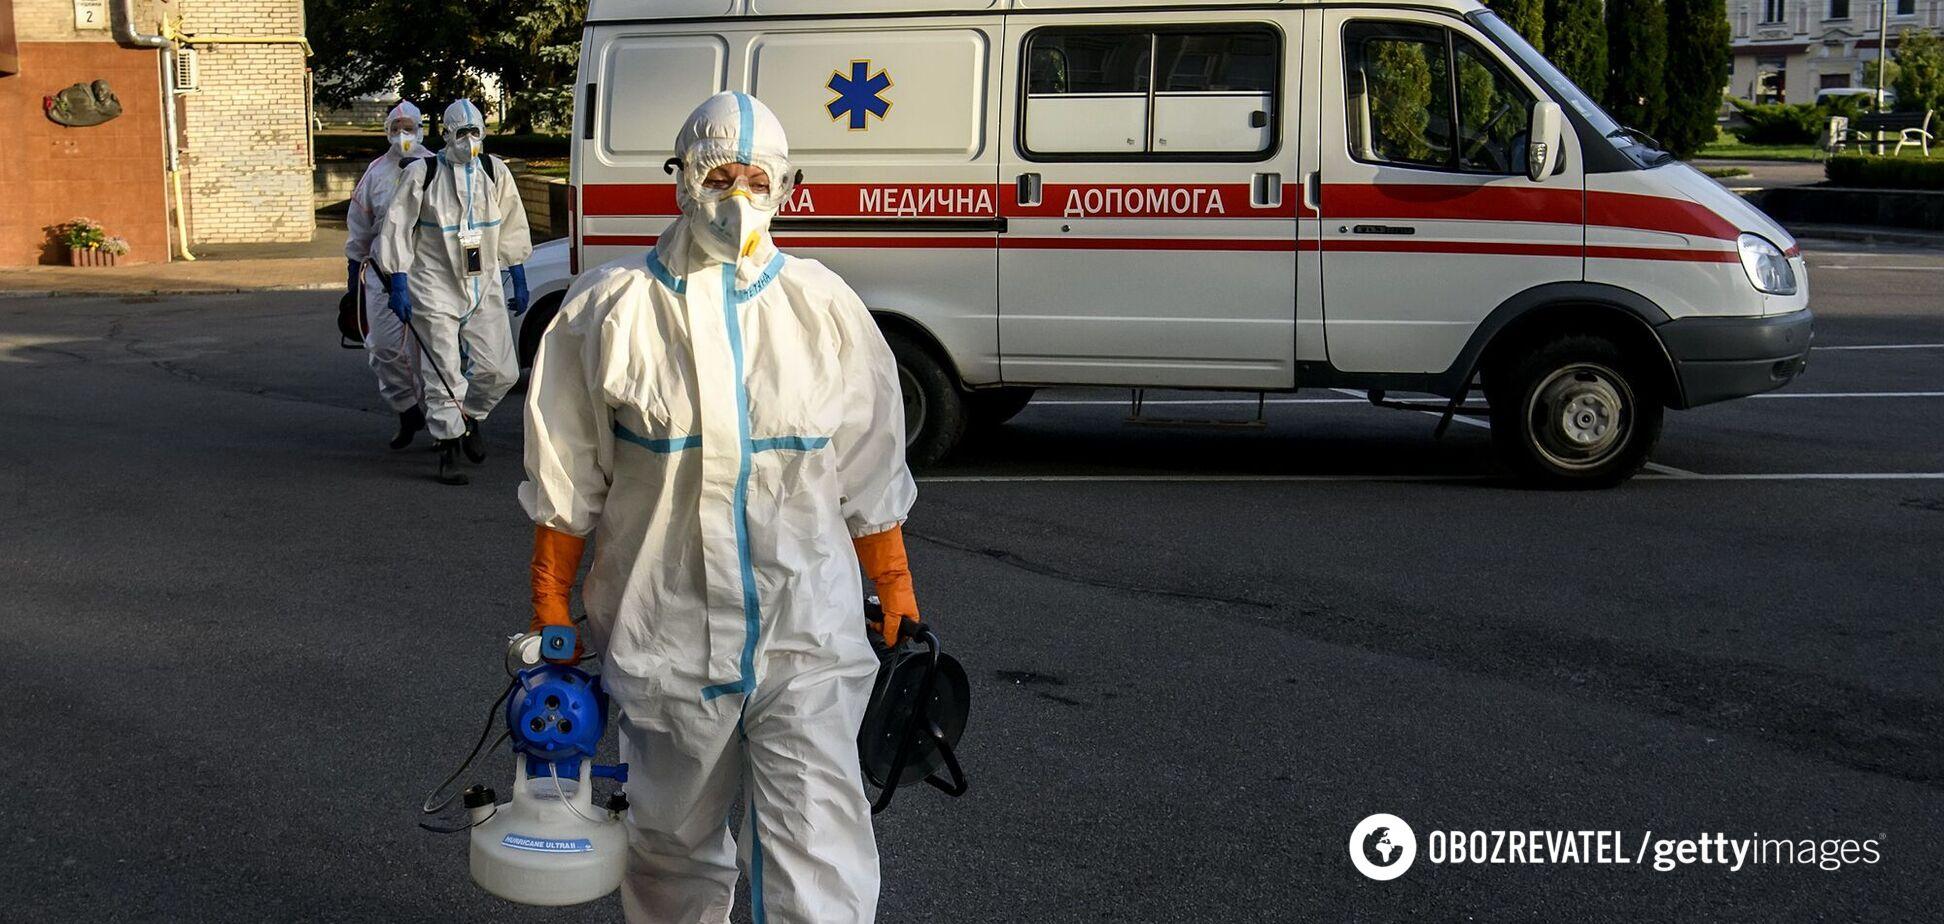 Тяжкохворих на COVID-19 стало більше в Києві, реанімація перевантажена, – лікарка